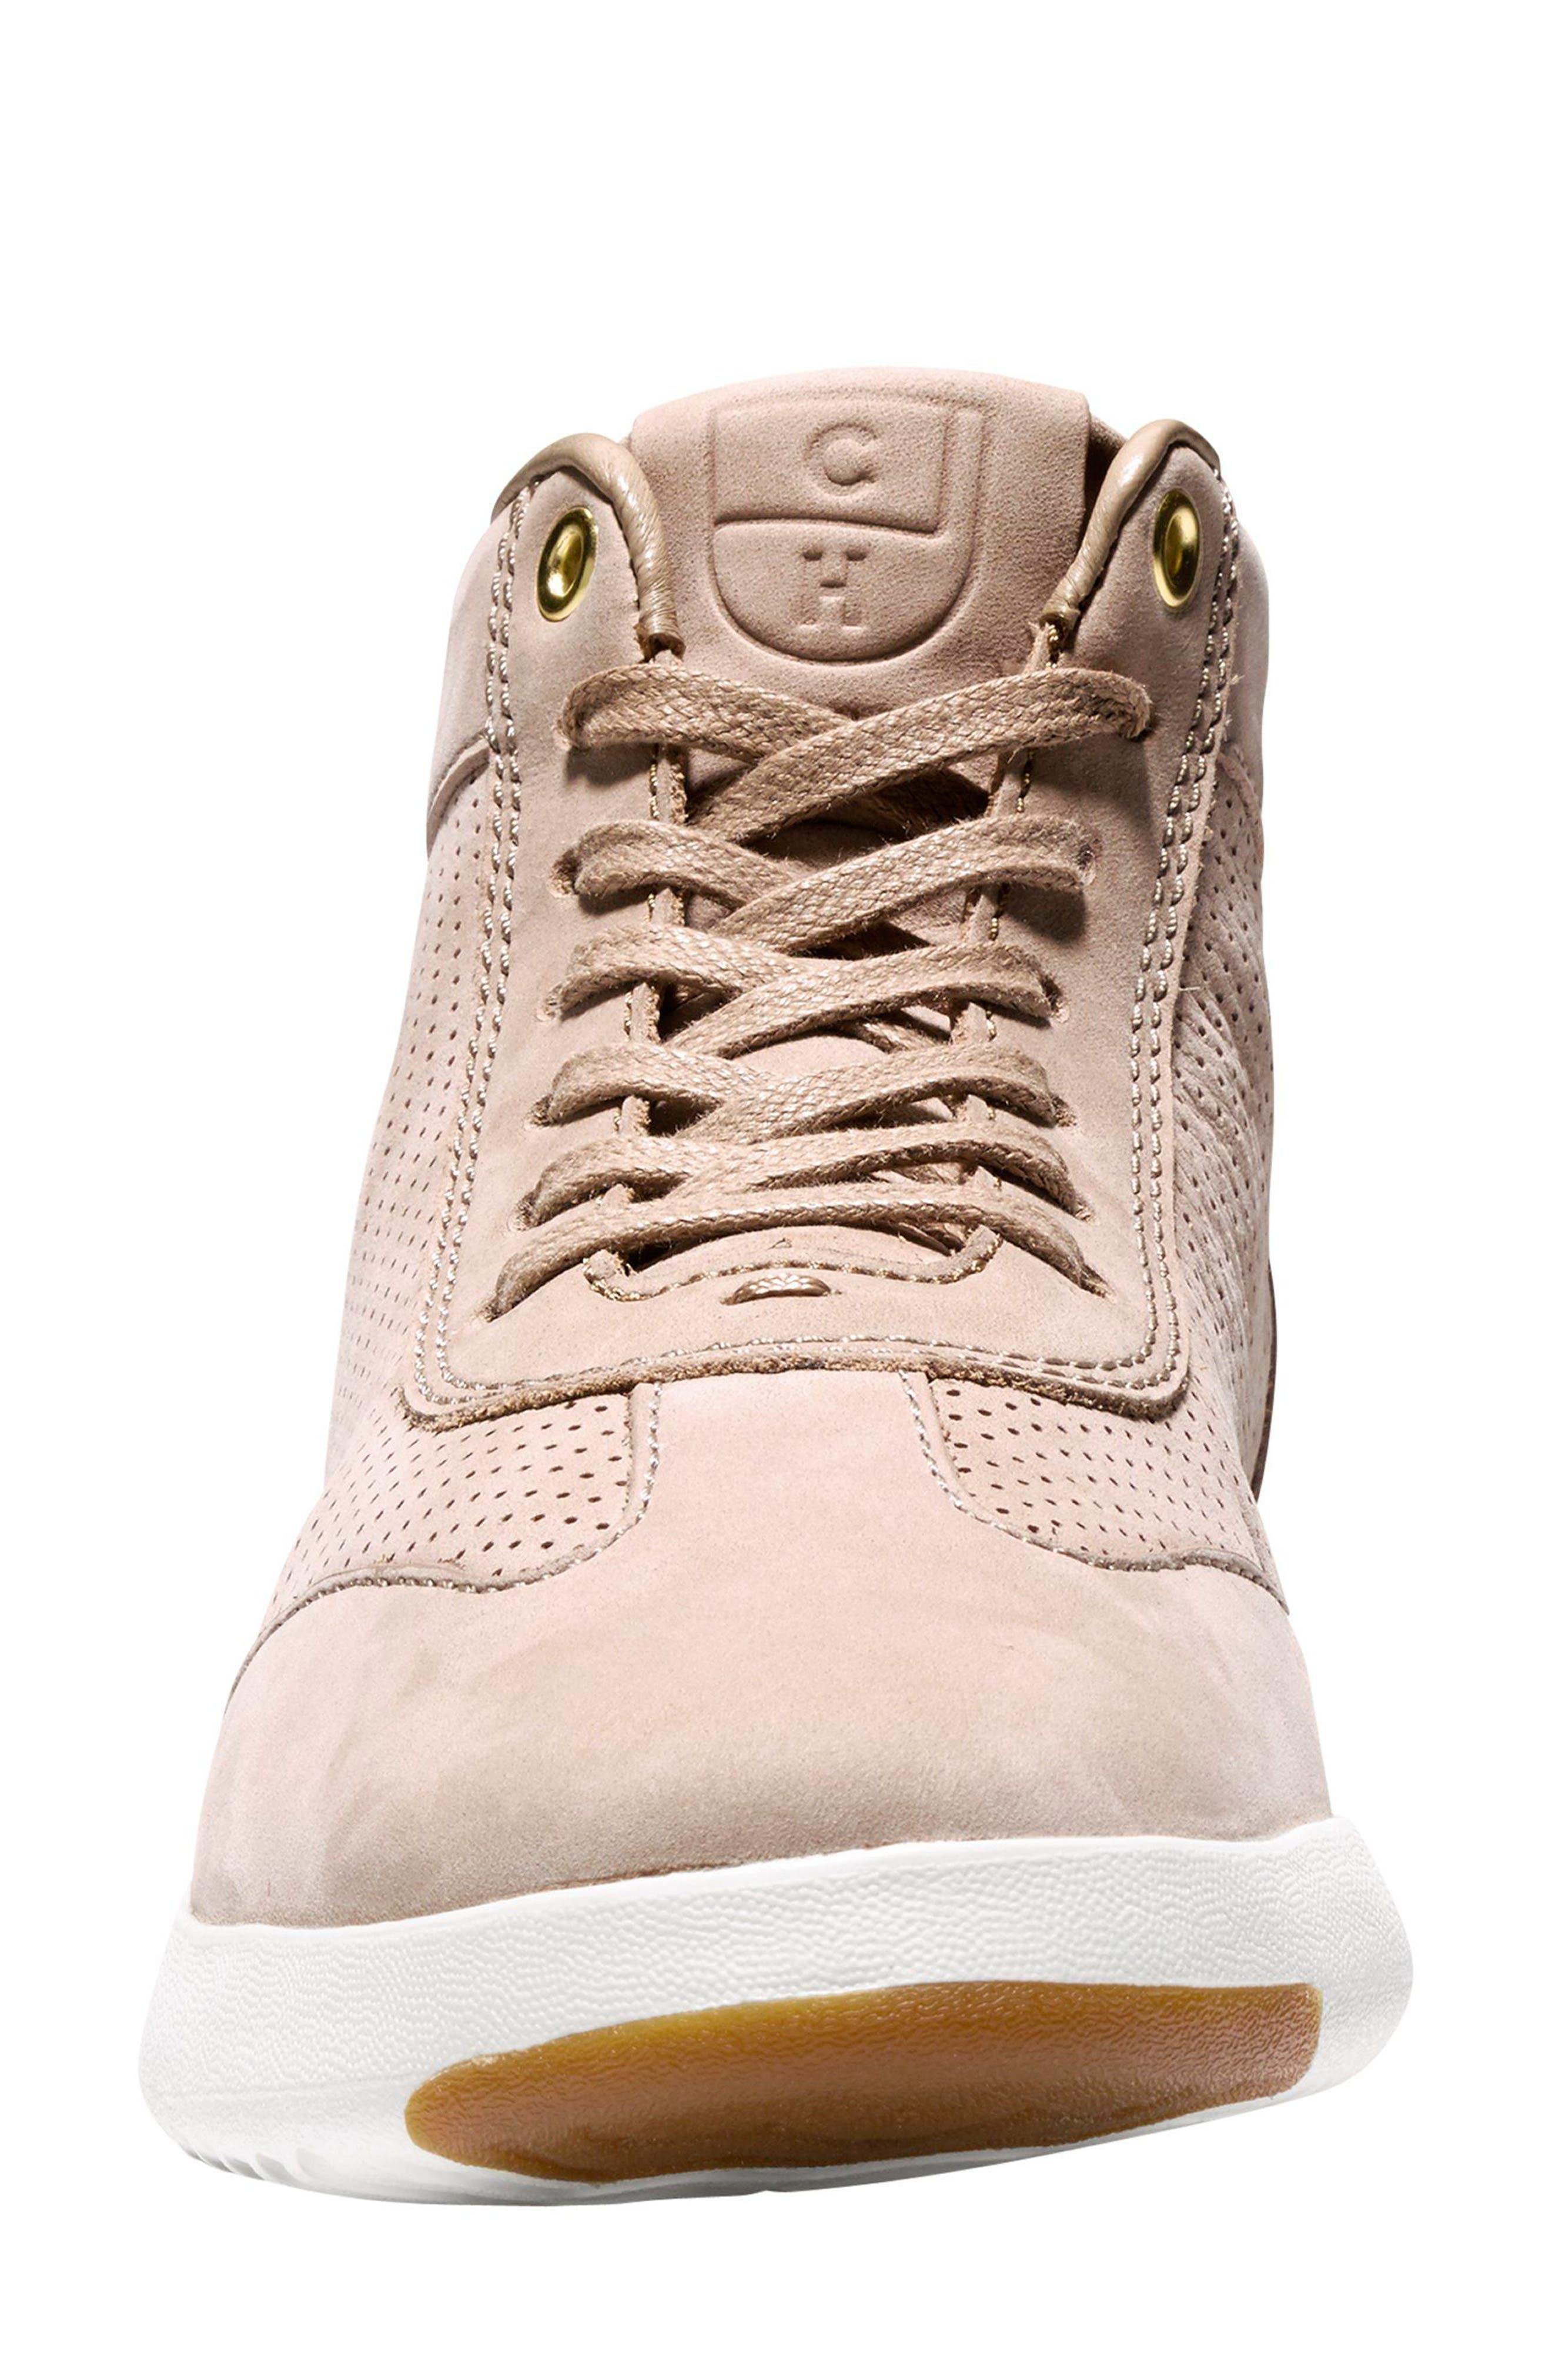 Alternate Image 3  - Cole Haan GrandPro High Top Sneaker (Women)